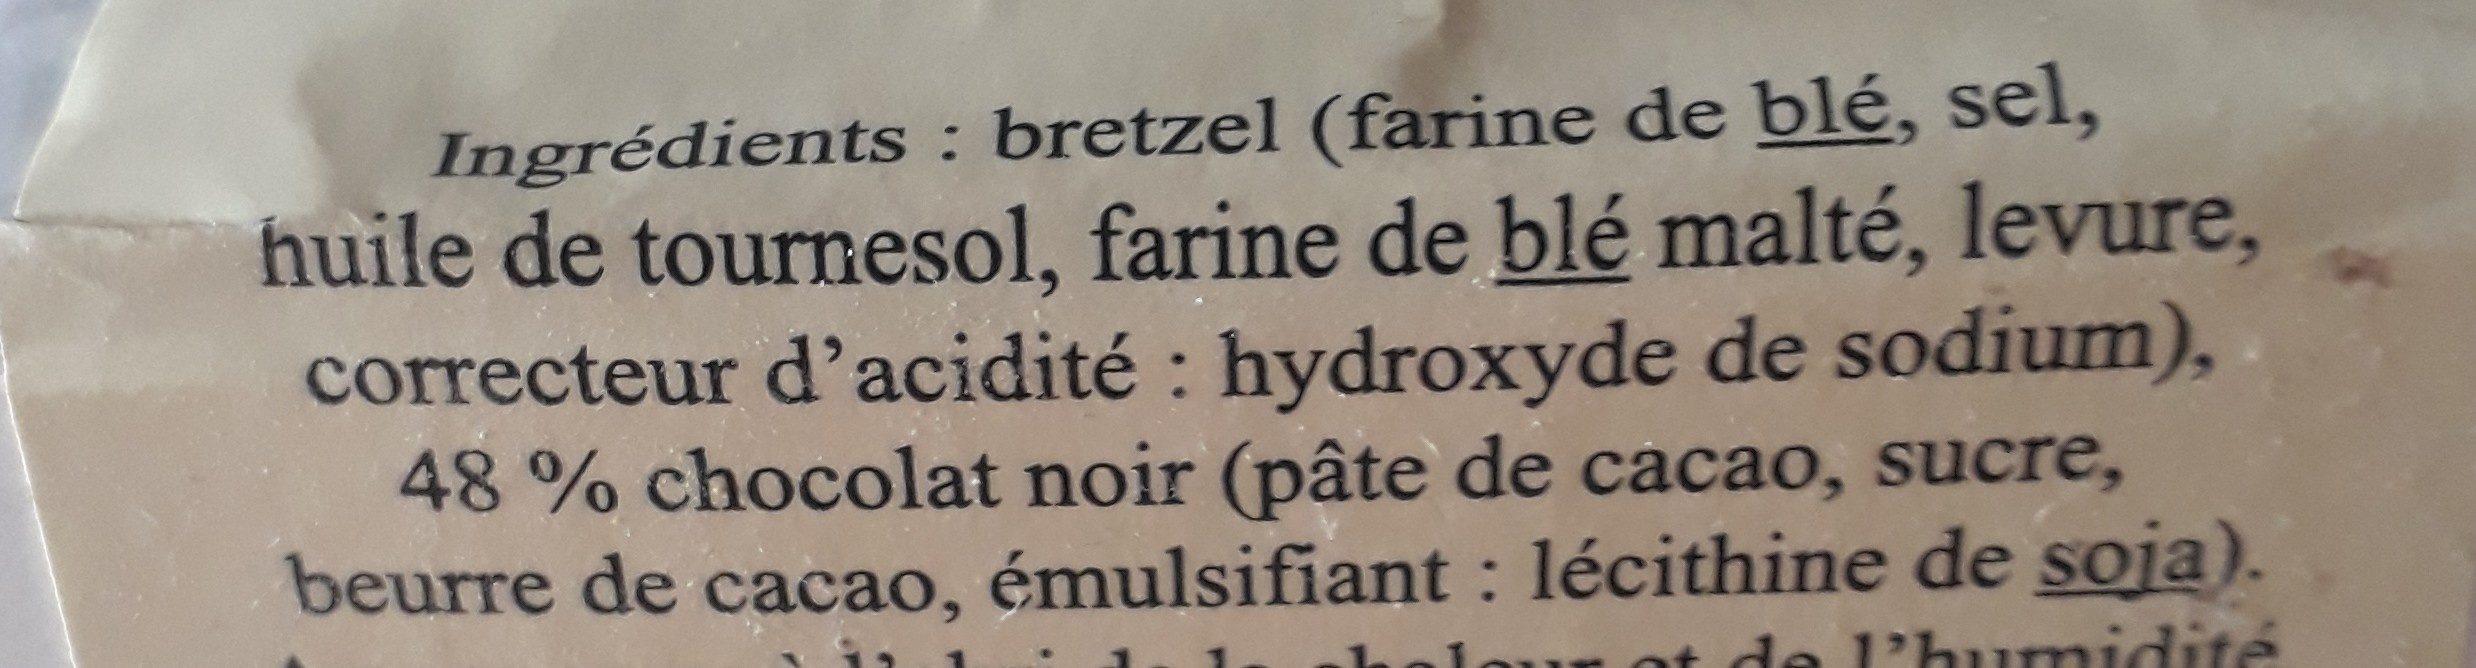 Sachet bretzels au chocolat noir - Ingrédients - fr